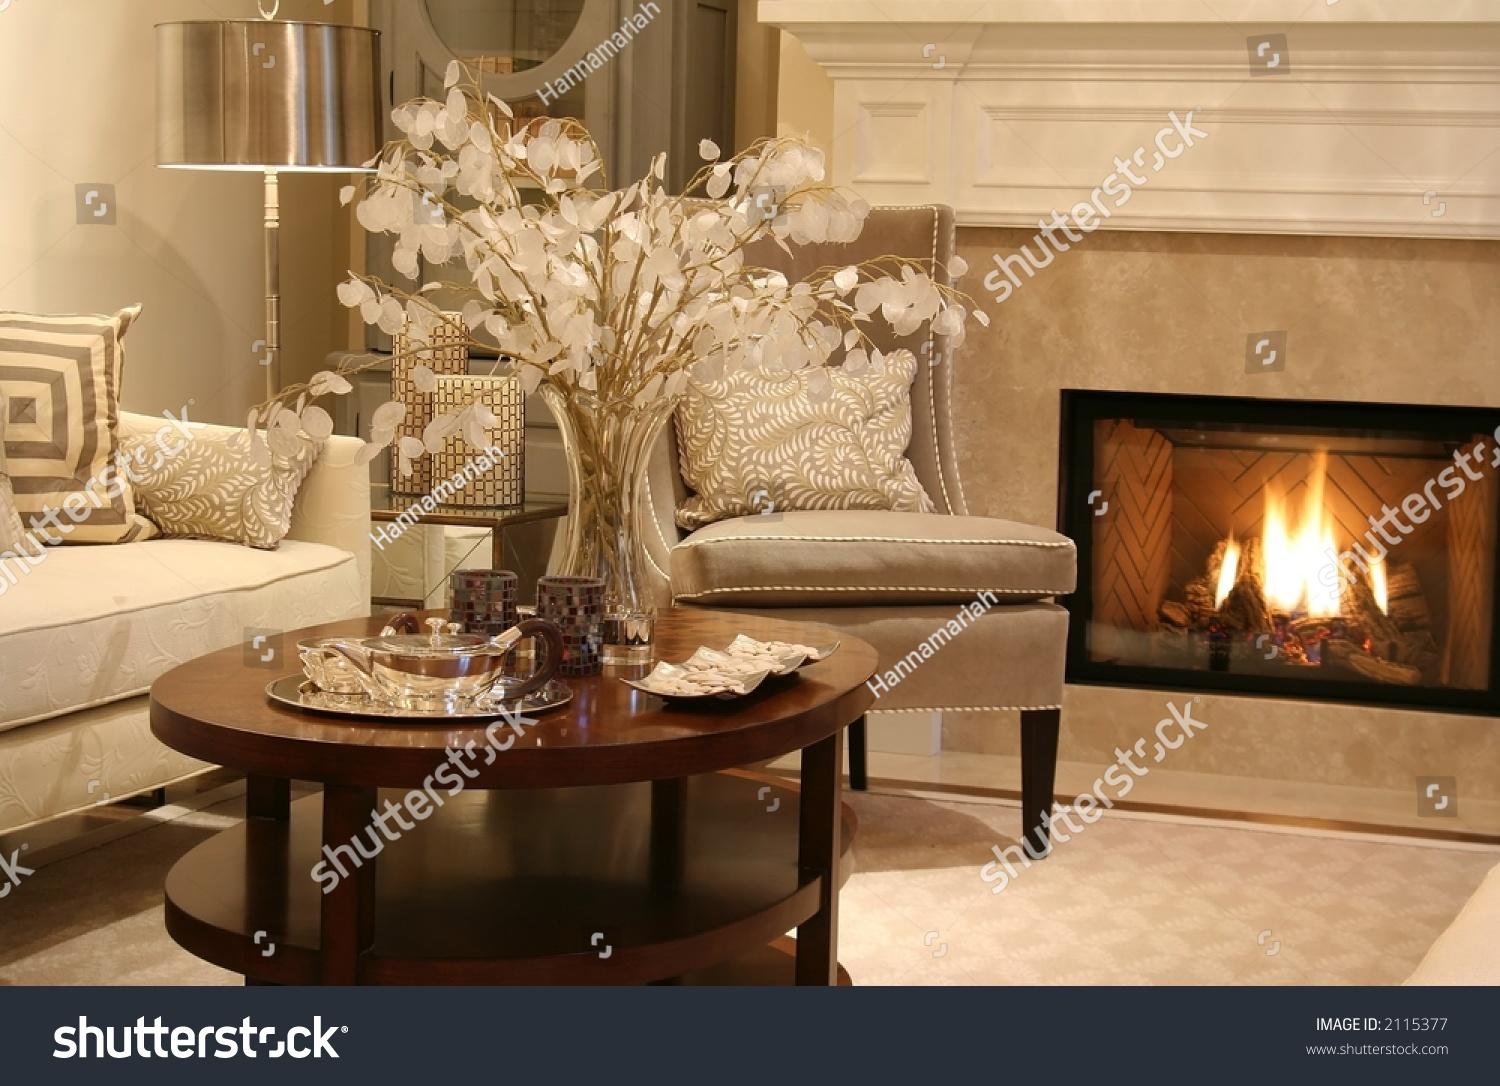 Elegant Living Room Fireplace On Stock Photo 2115377 Shutterstock